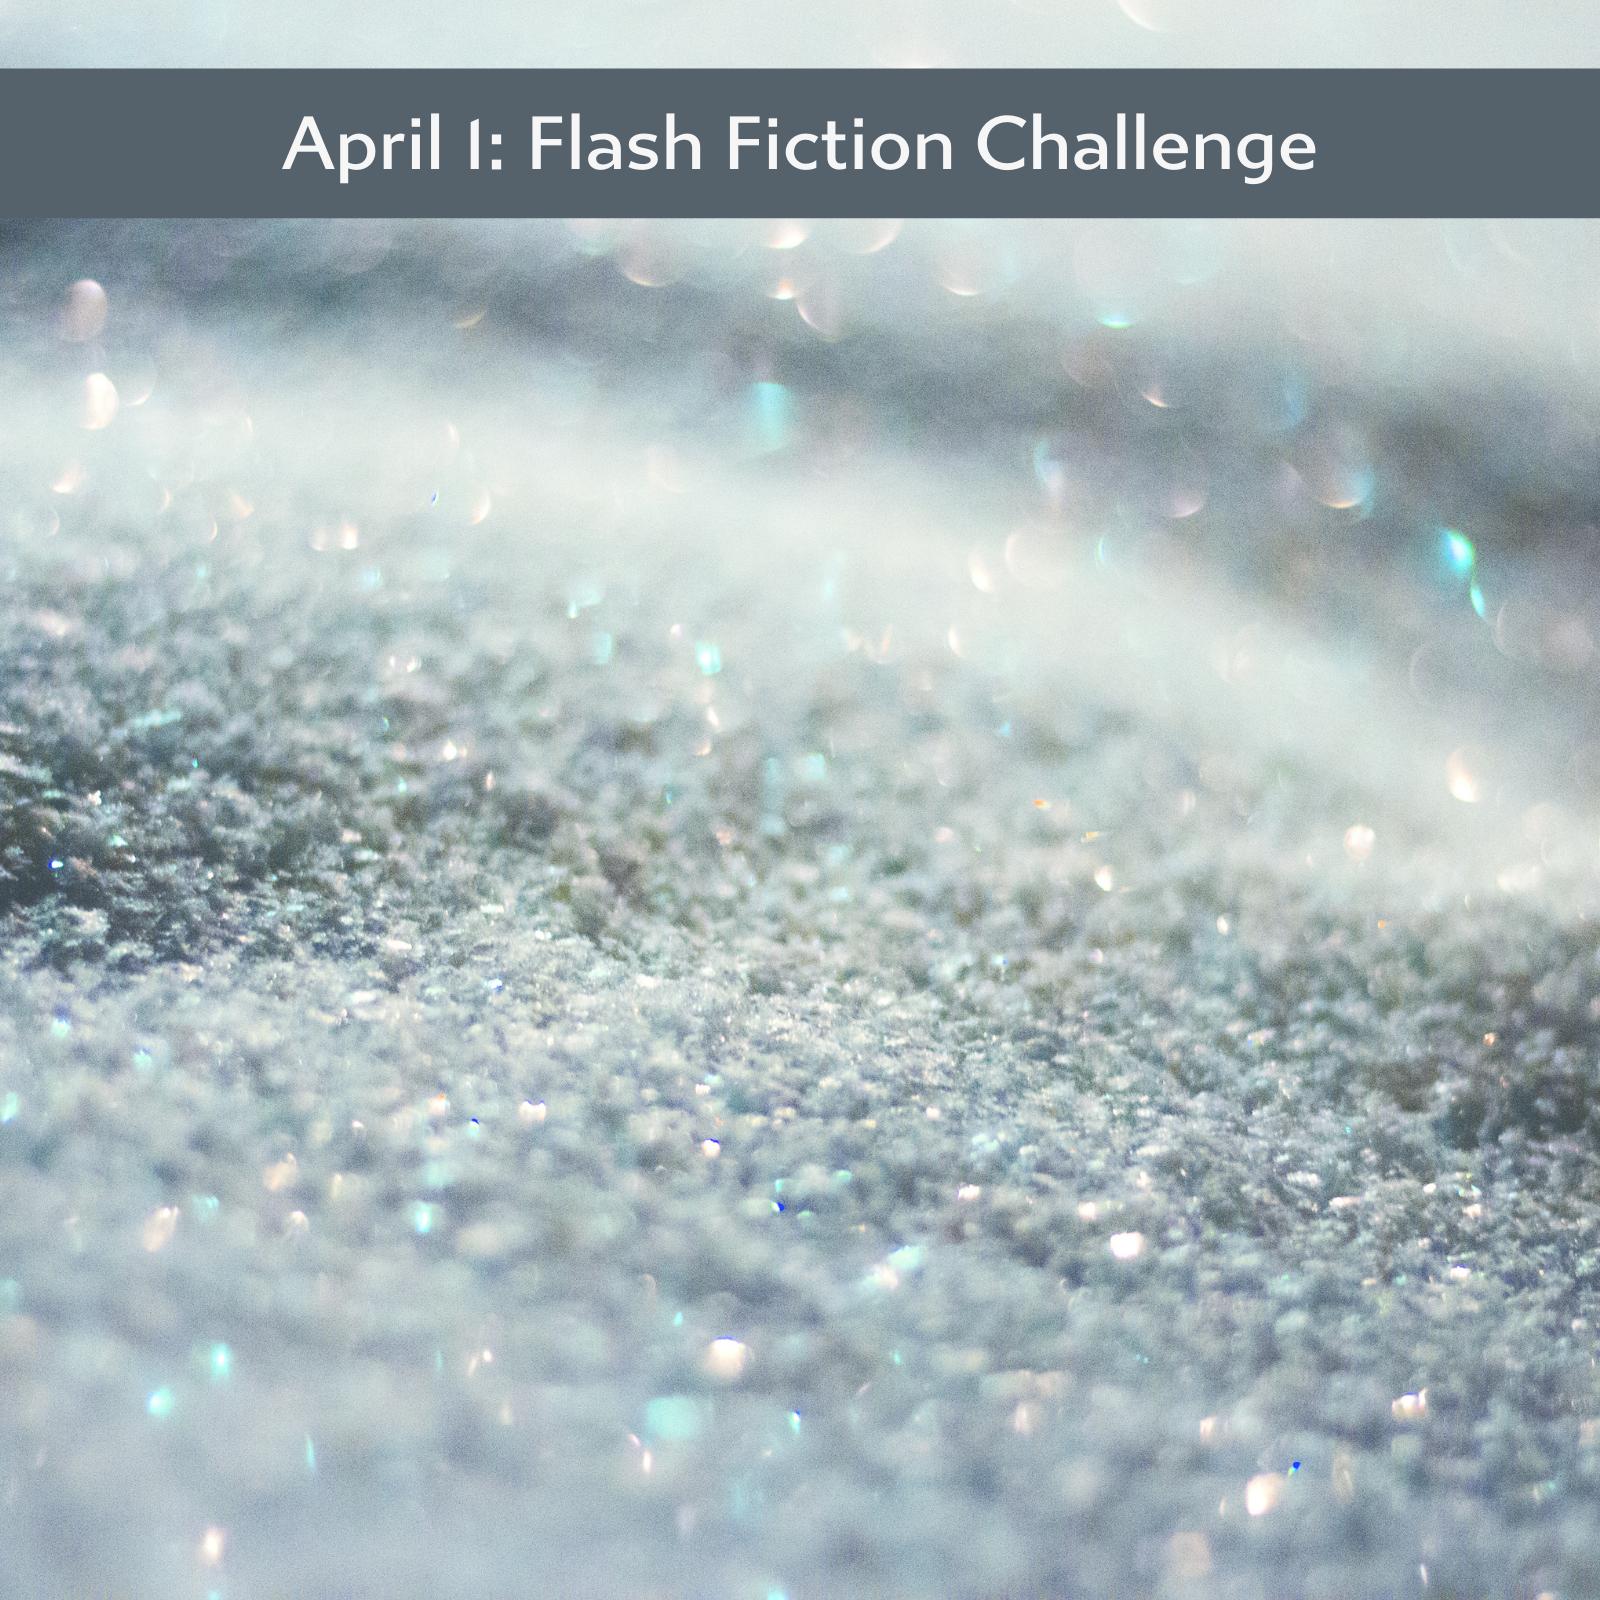 April 1: Flash Fiction Challenge